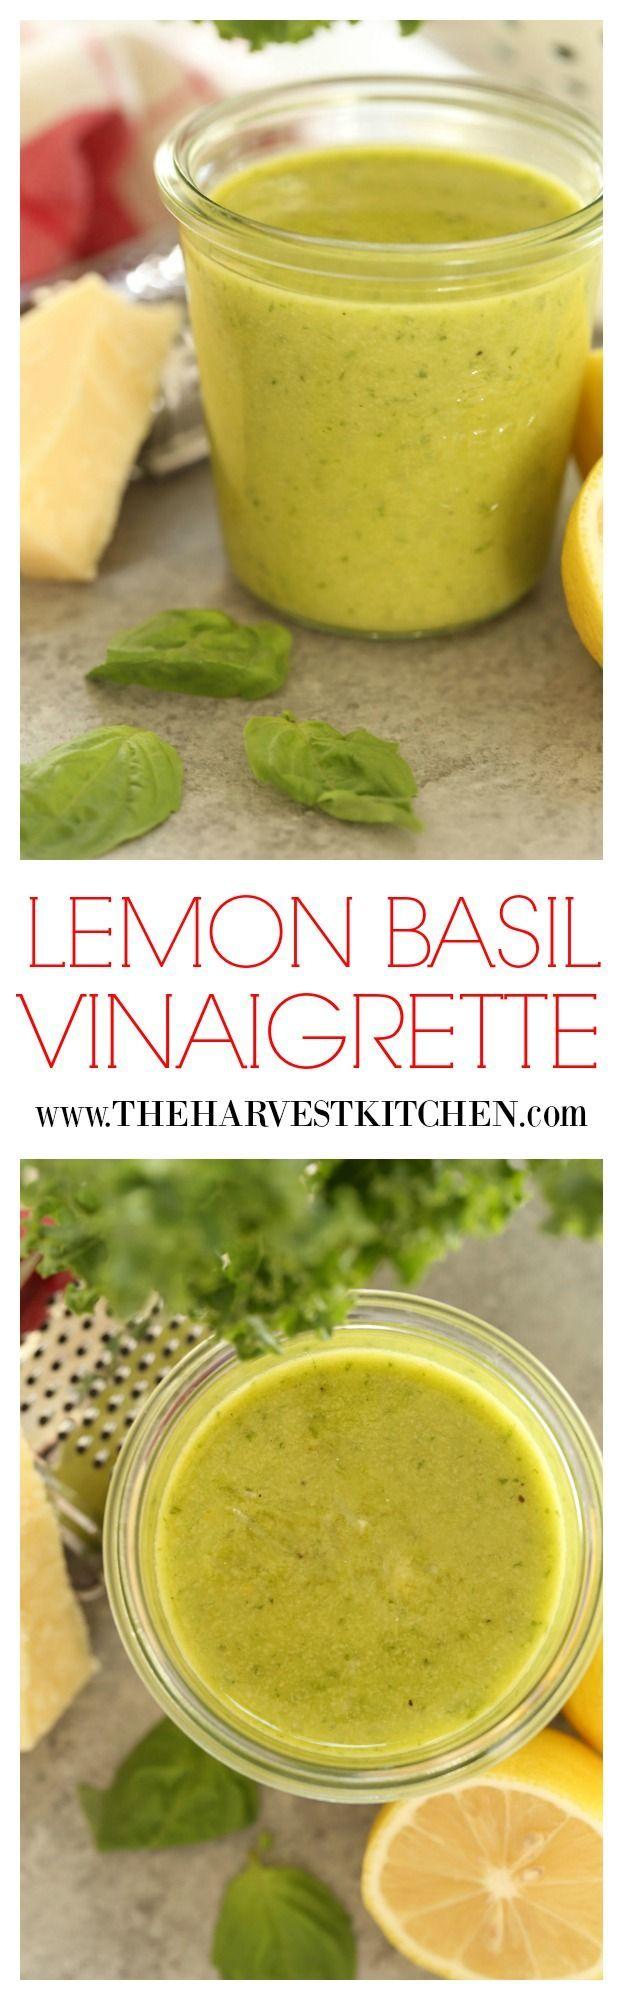 This simple Lemon Basil Vinaigrette uses fresh tender